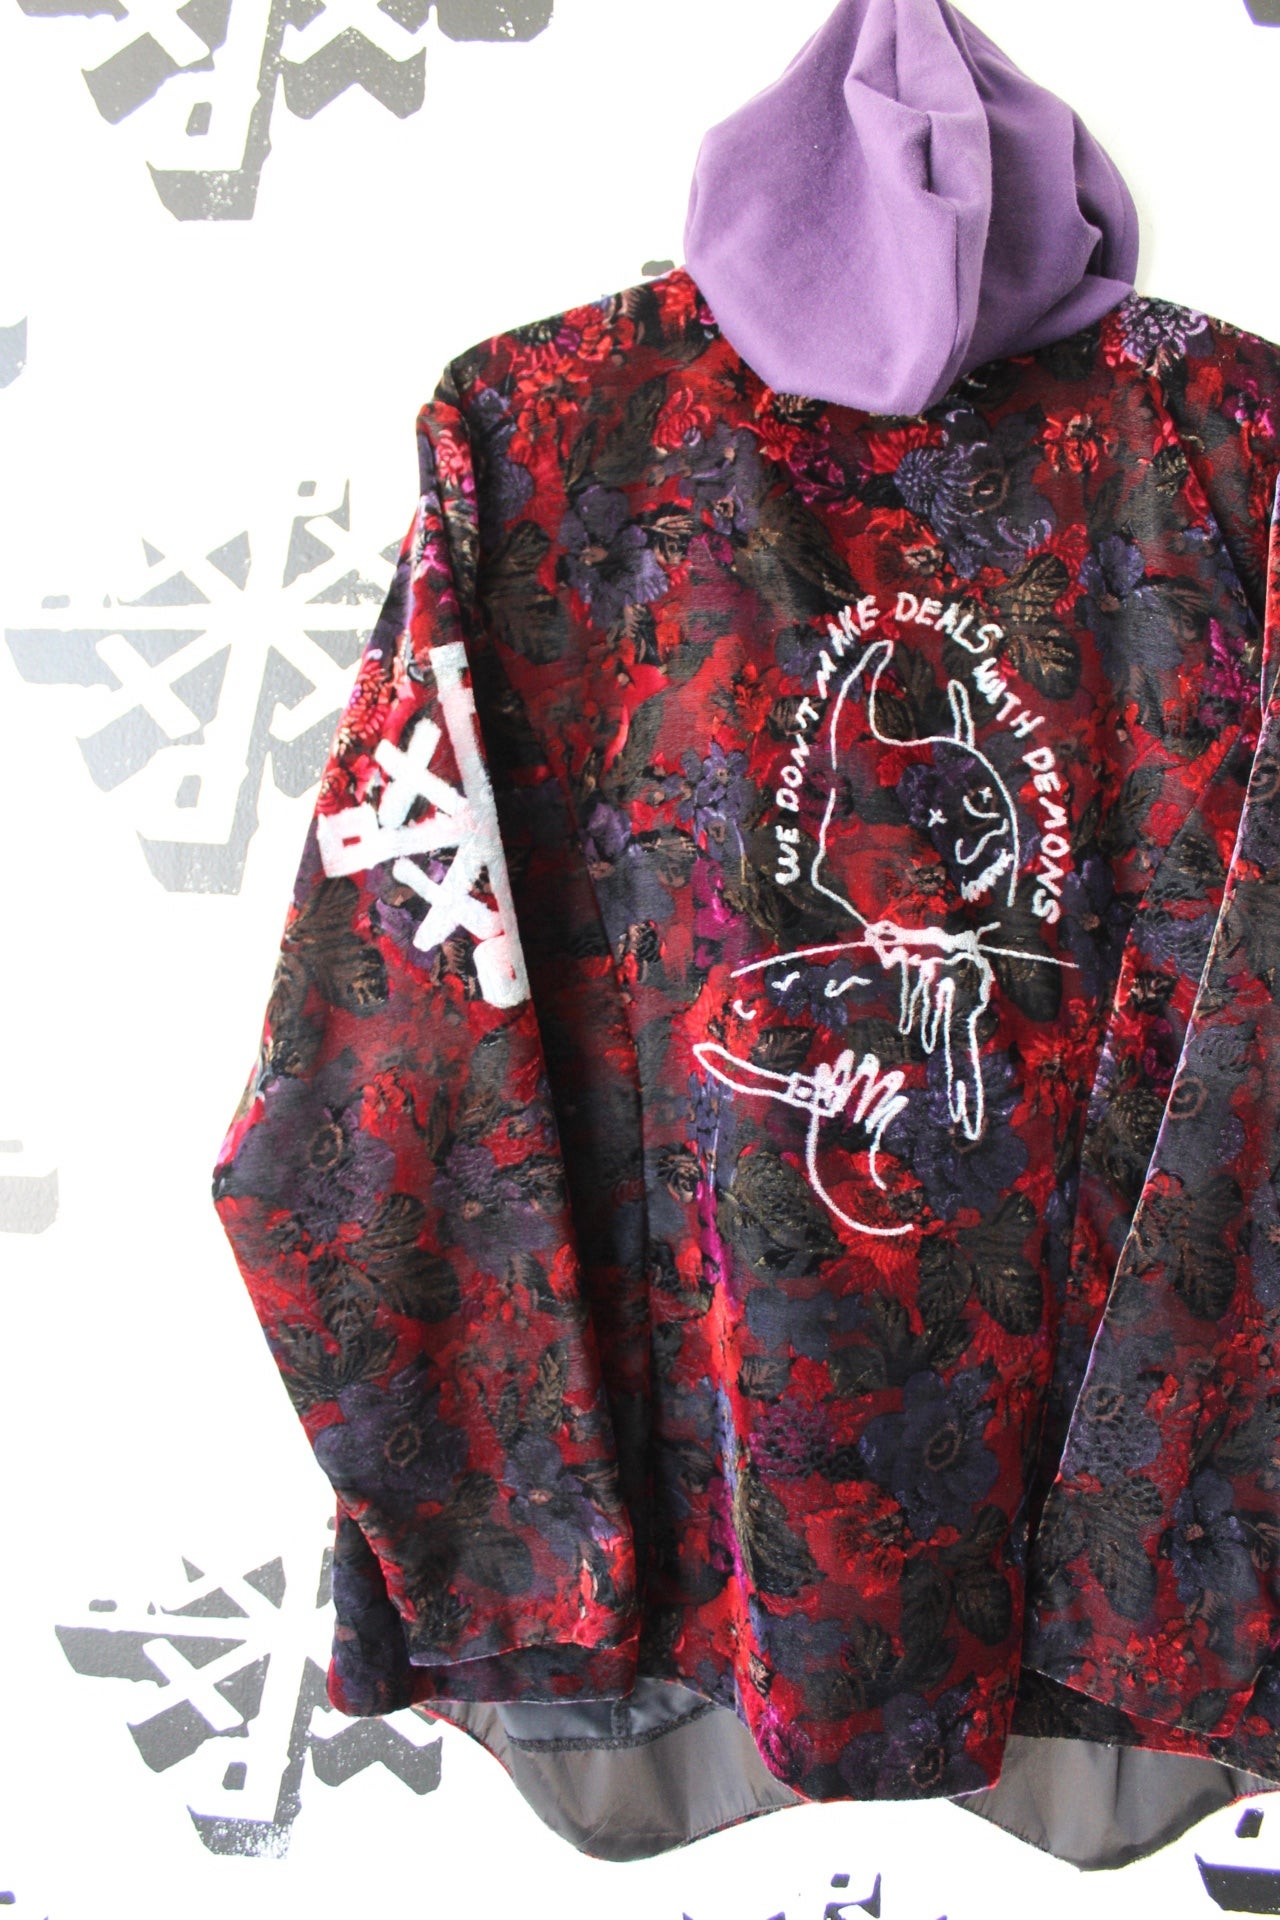 Image of we don't make deals with demons floral patterned velvet jacket